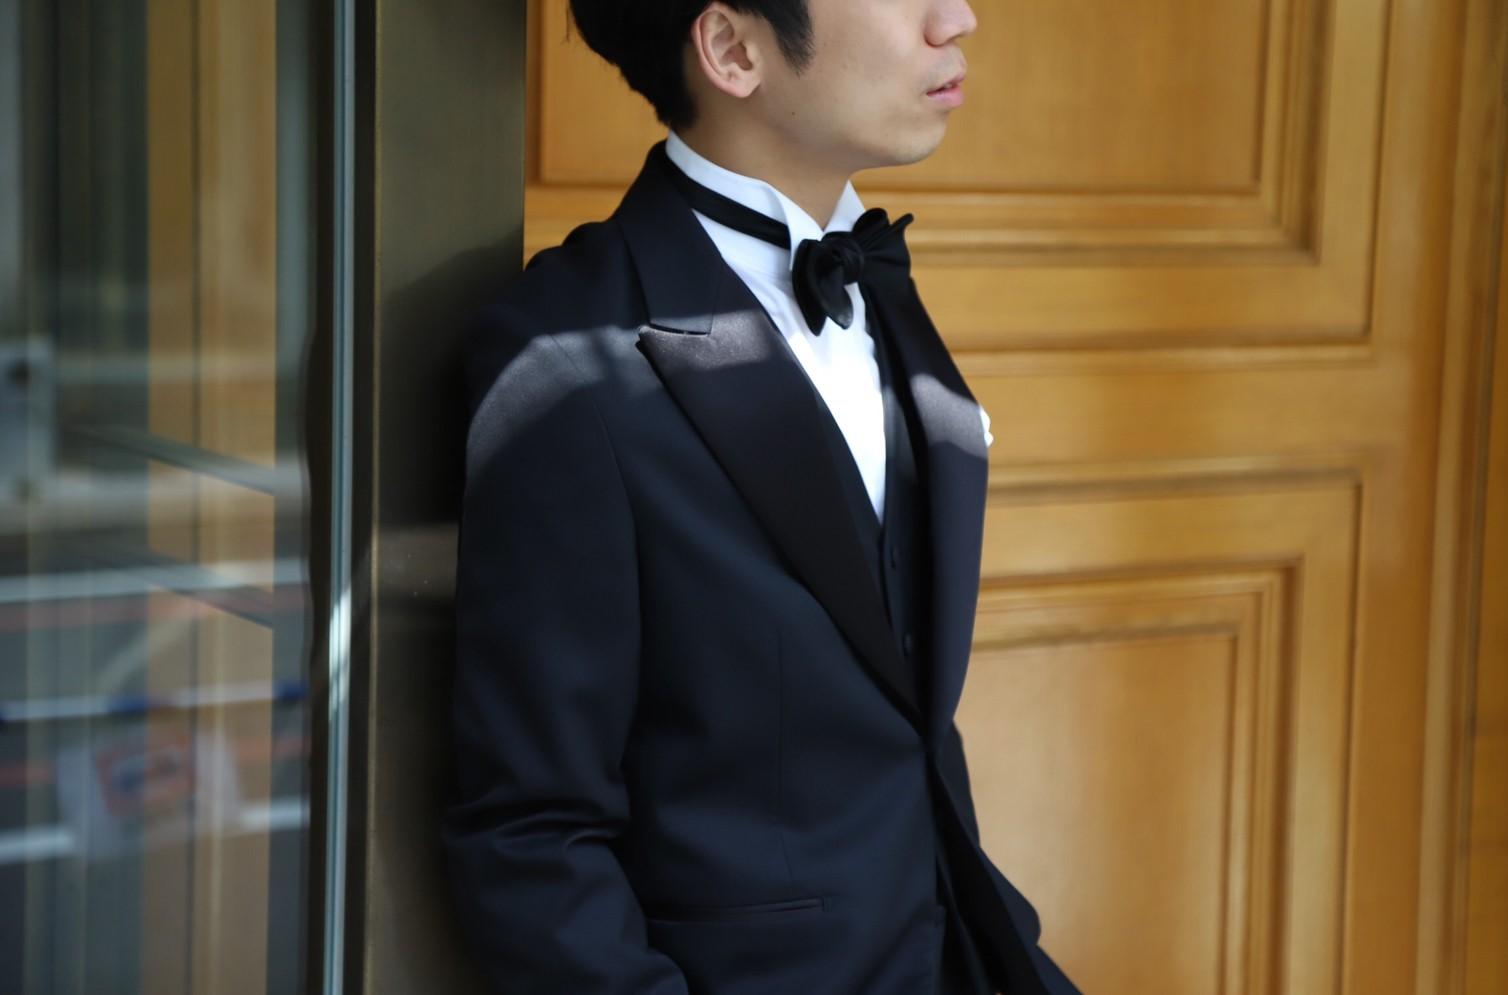 ザトリートドレッシング京都店がご紹介するご新郎様におすすめのフォーマルスタイルによるブラックのタキシード